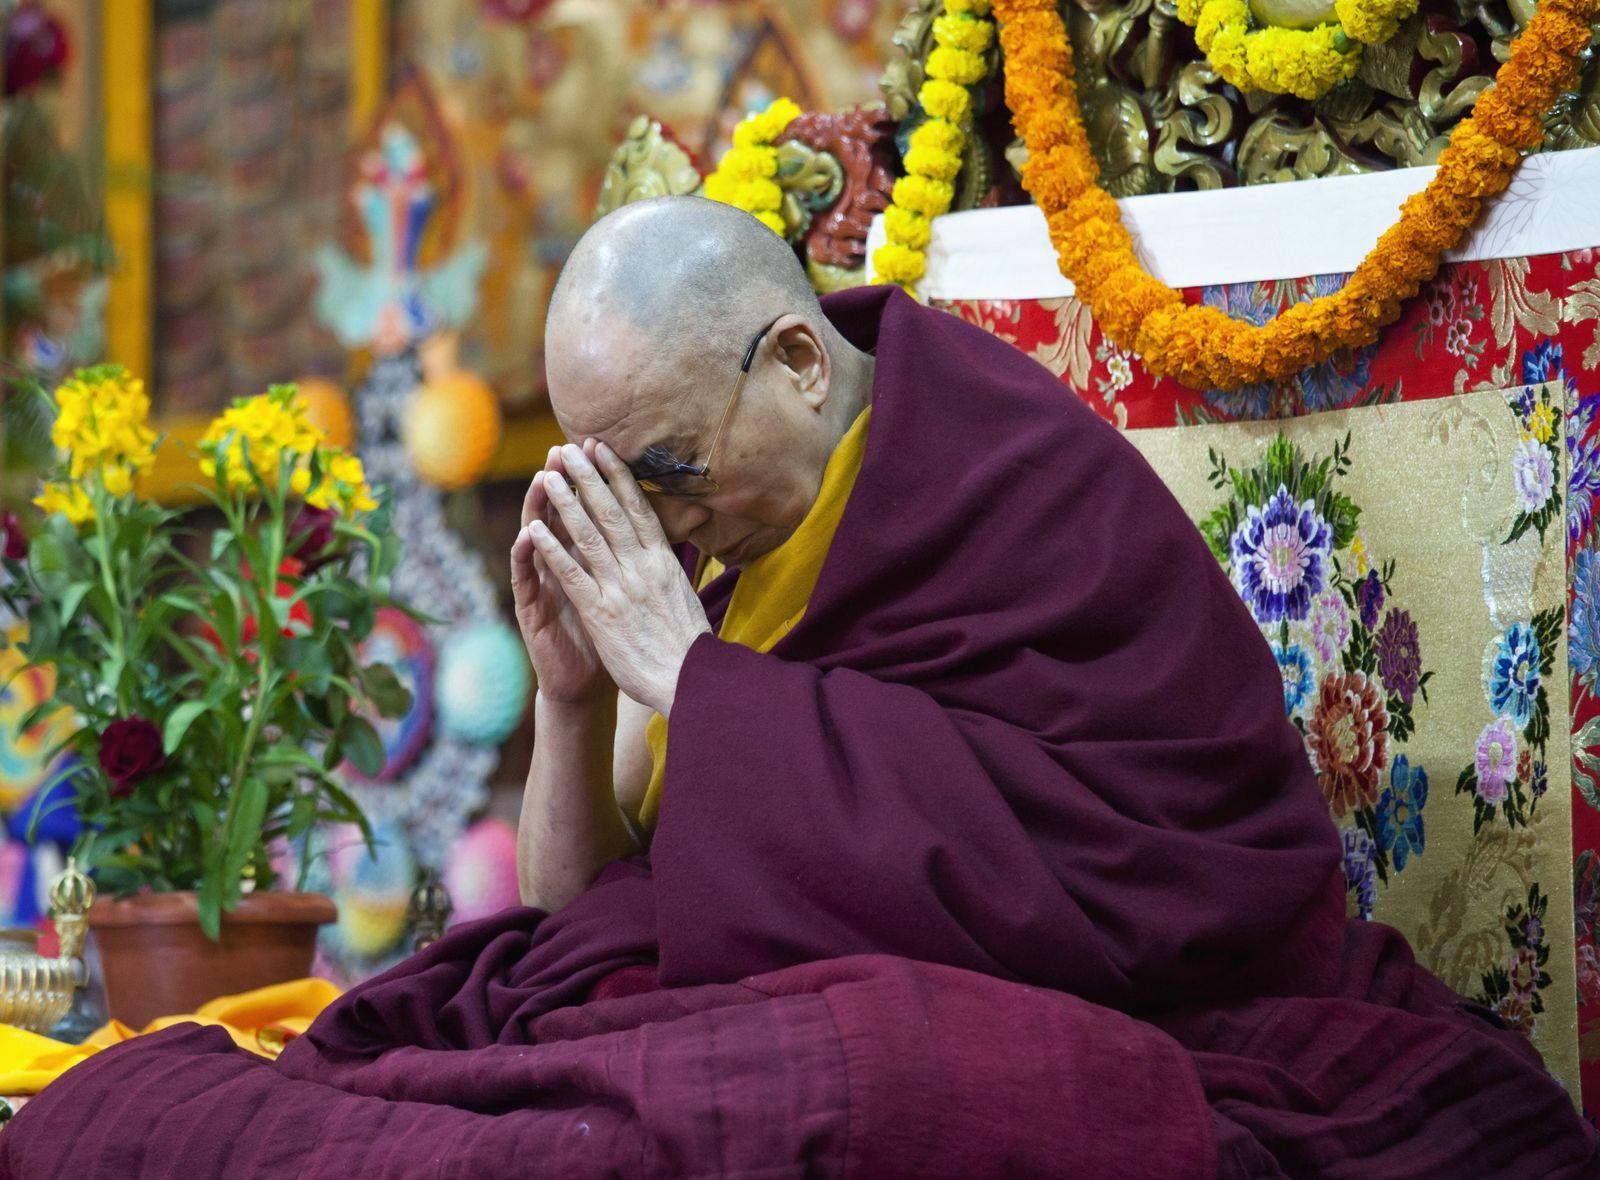 Dalai Lama / Tibet